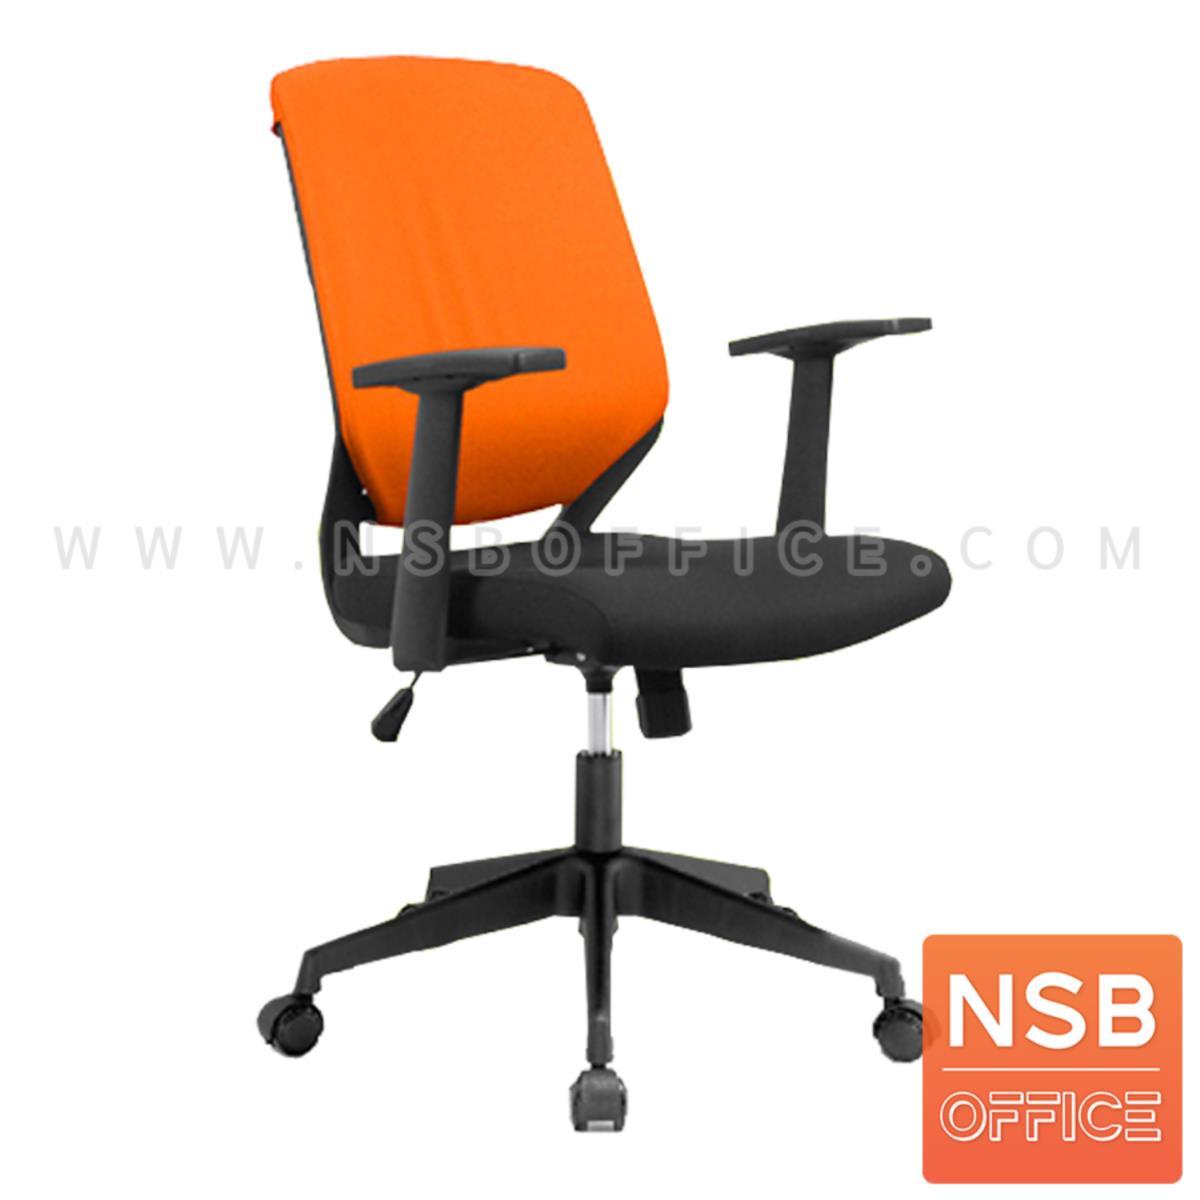 B03A521:เก้าอี้สำนักงาน รุ่น Laikin (ไลกิ้น)  โช๊คแก๊ส ก้อนโยก ขาพลาสติก